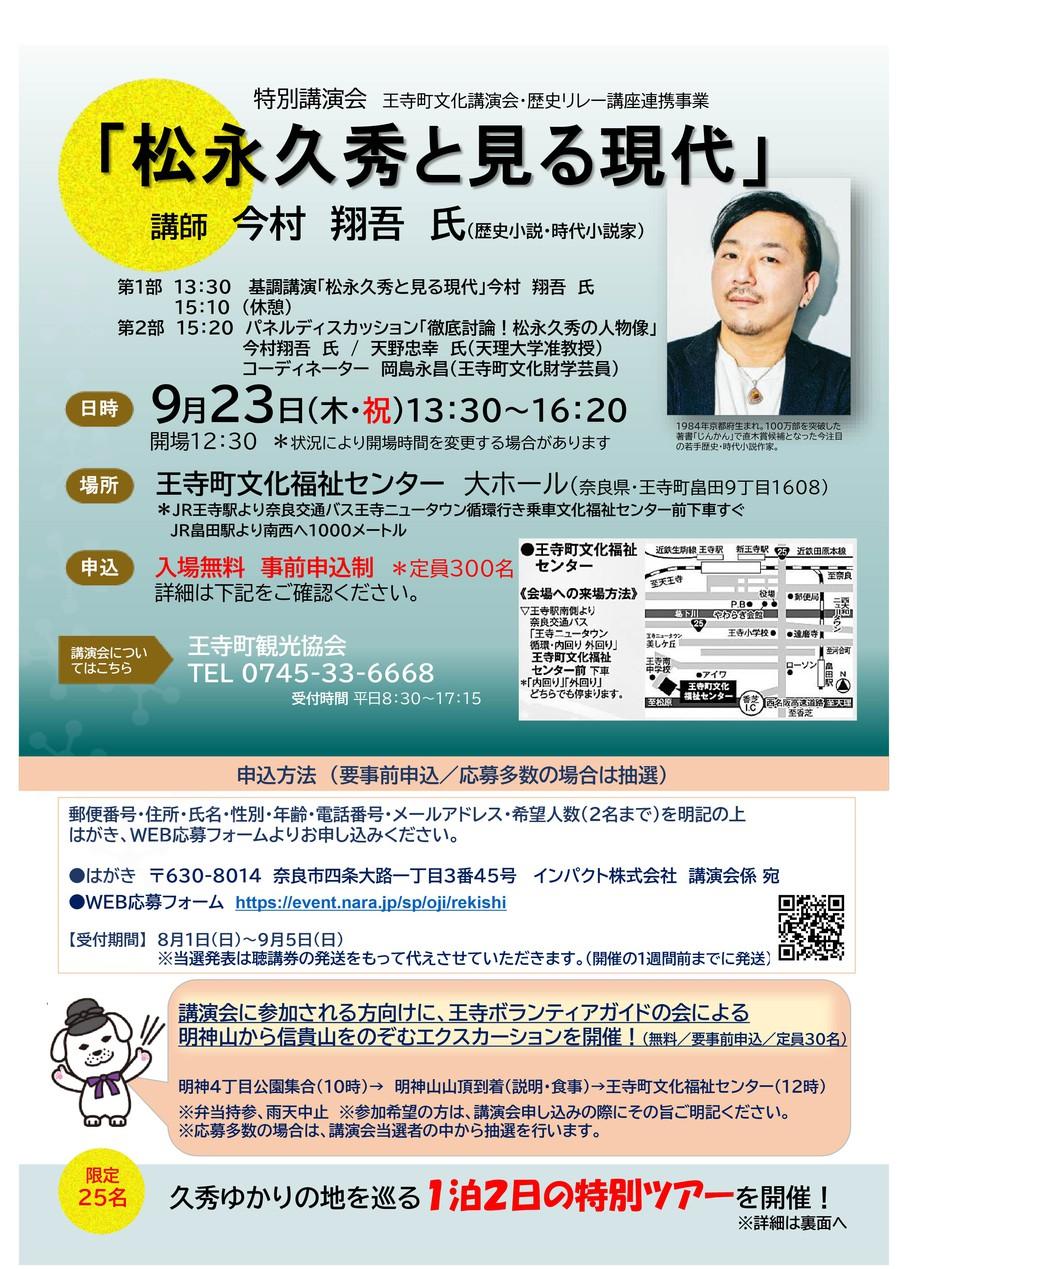 特別講演会「松永久秀と見る現代」